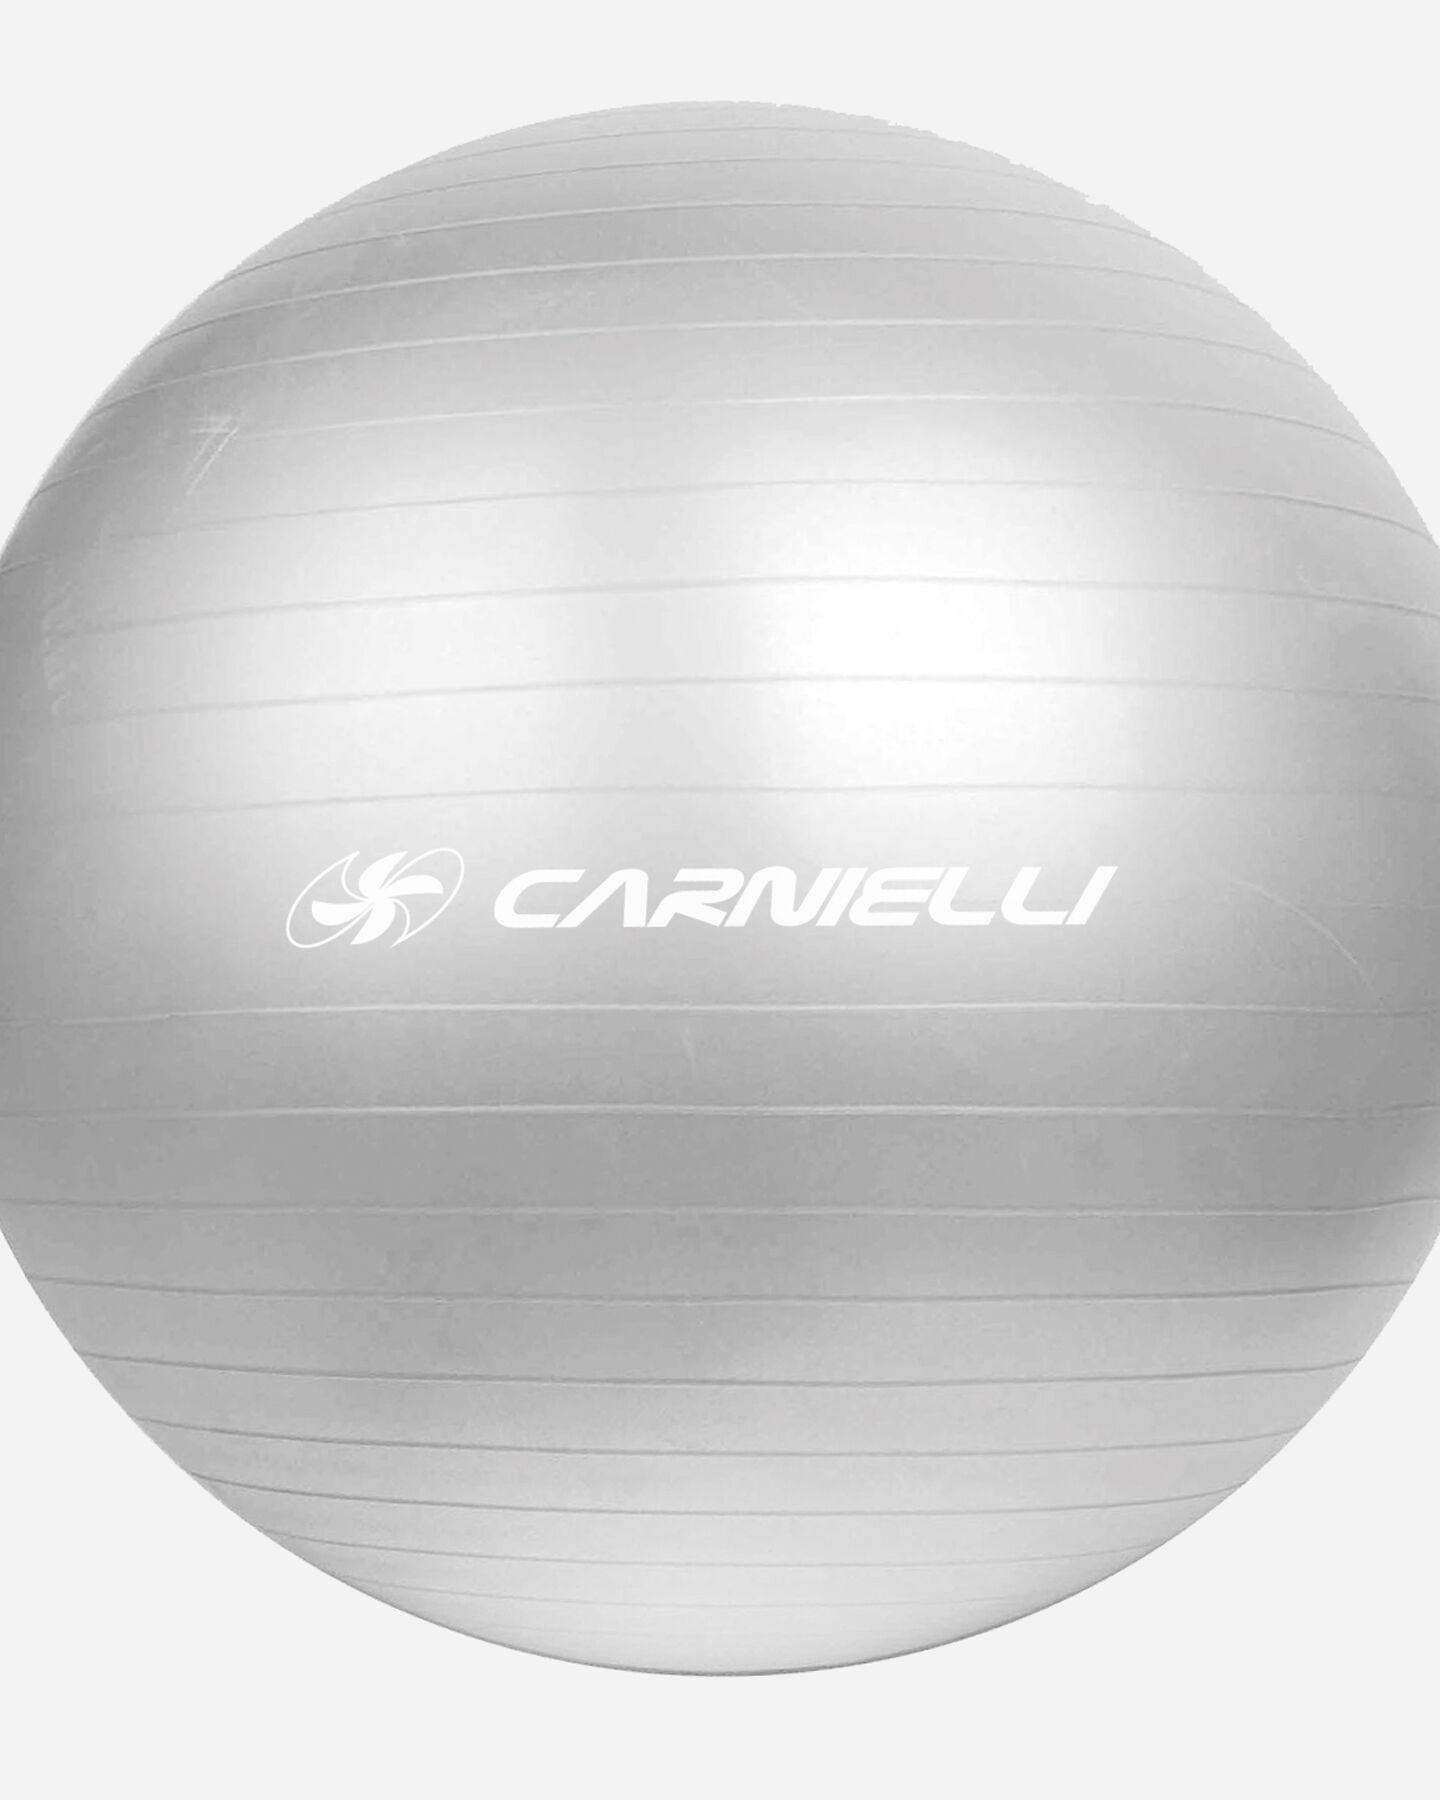 Palla gym CARNIELLI GYMBALL 65 S1328468 1 UNI scatto 1